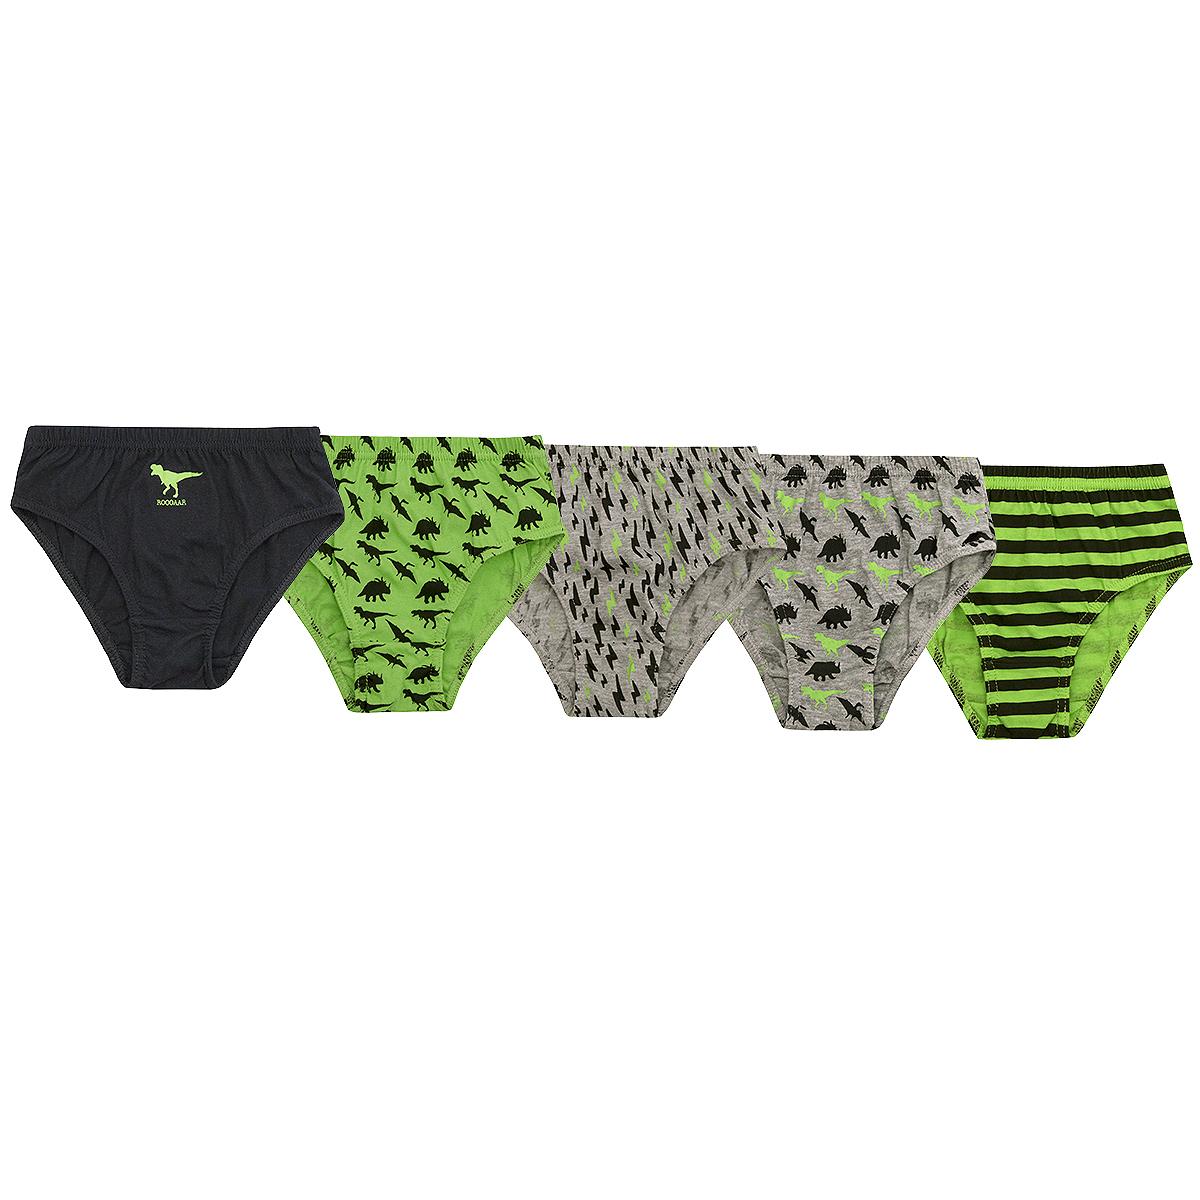 4KIDZ Kids Boys 100/% Natural Cotton Briefs 5 or 15 Multi-Pack Underwear 7-13 yrs